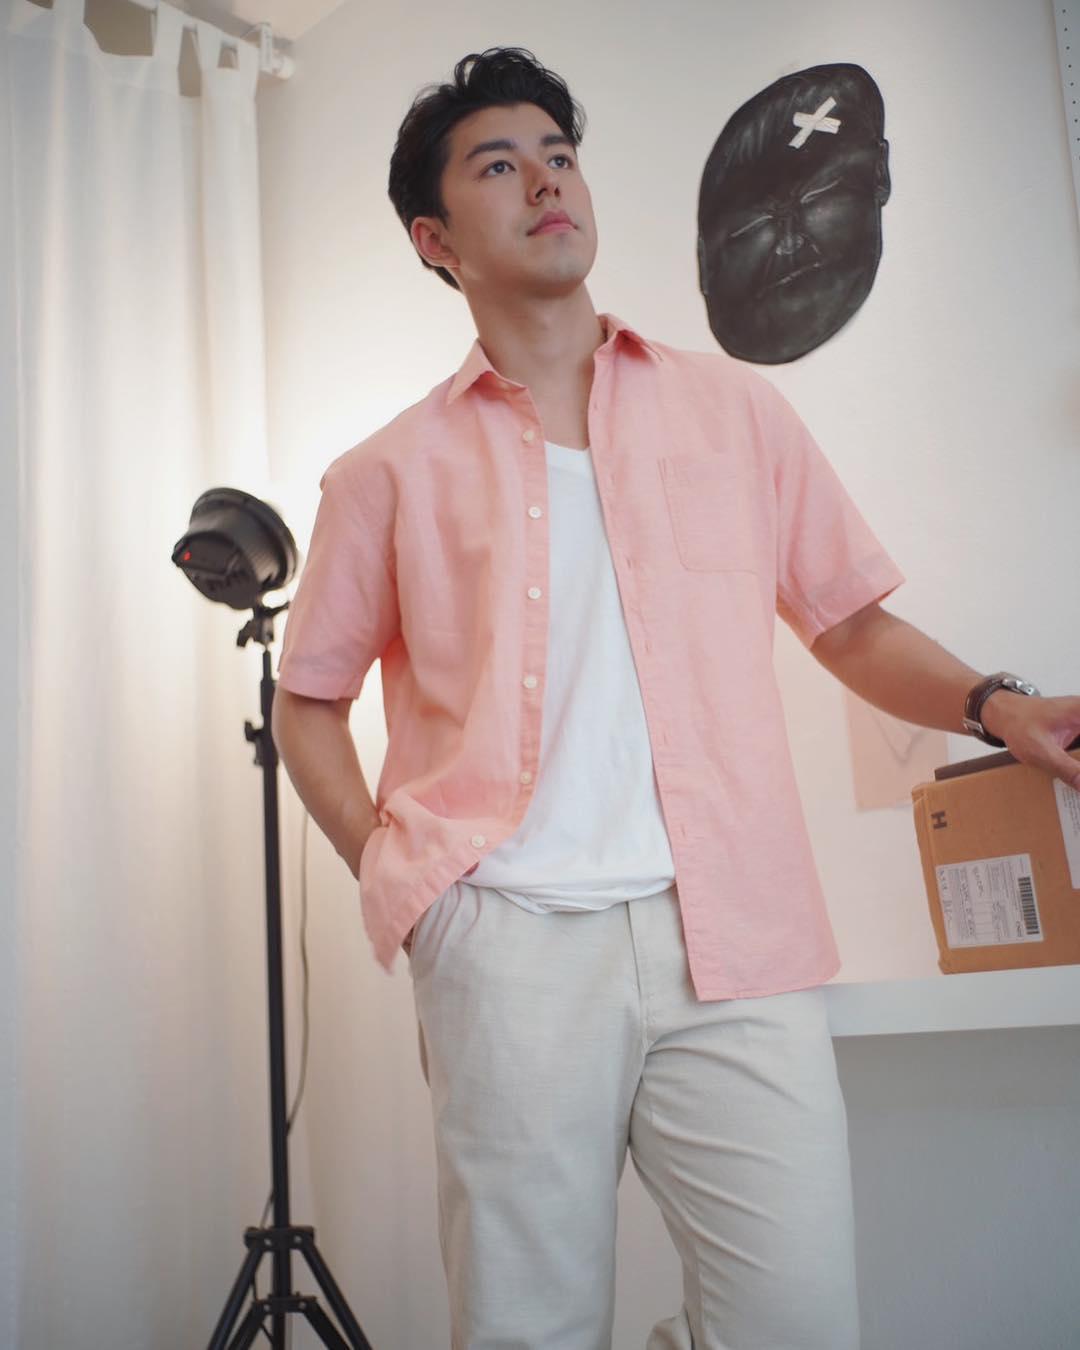 Phối áo thun trắng cùng áo sơ mi hồng nhạt